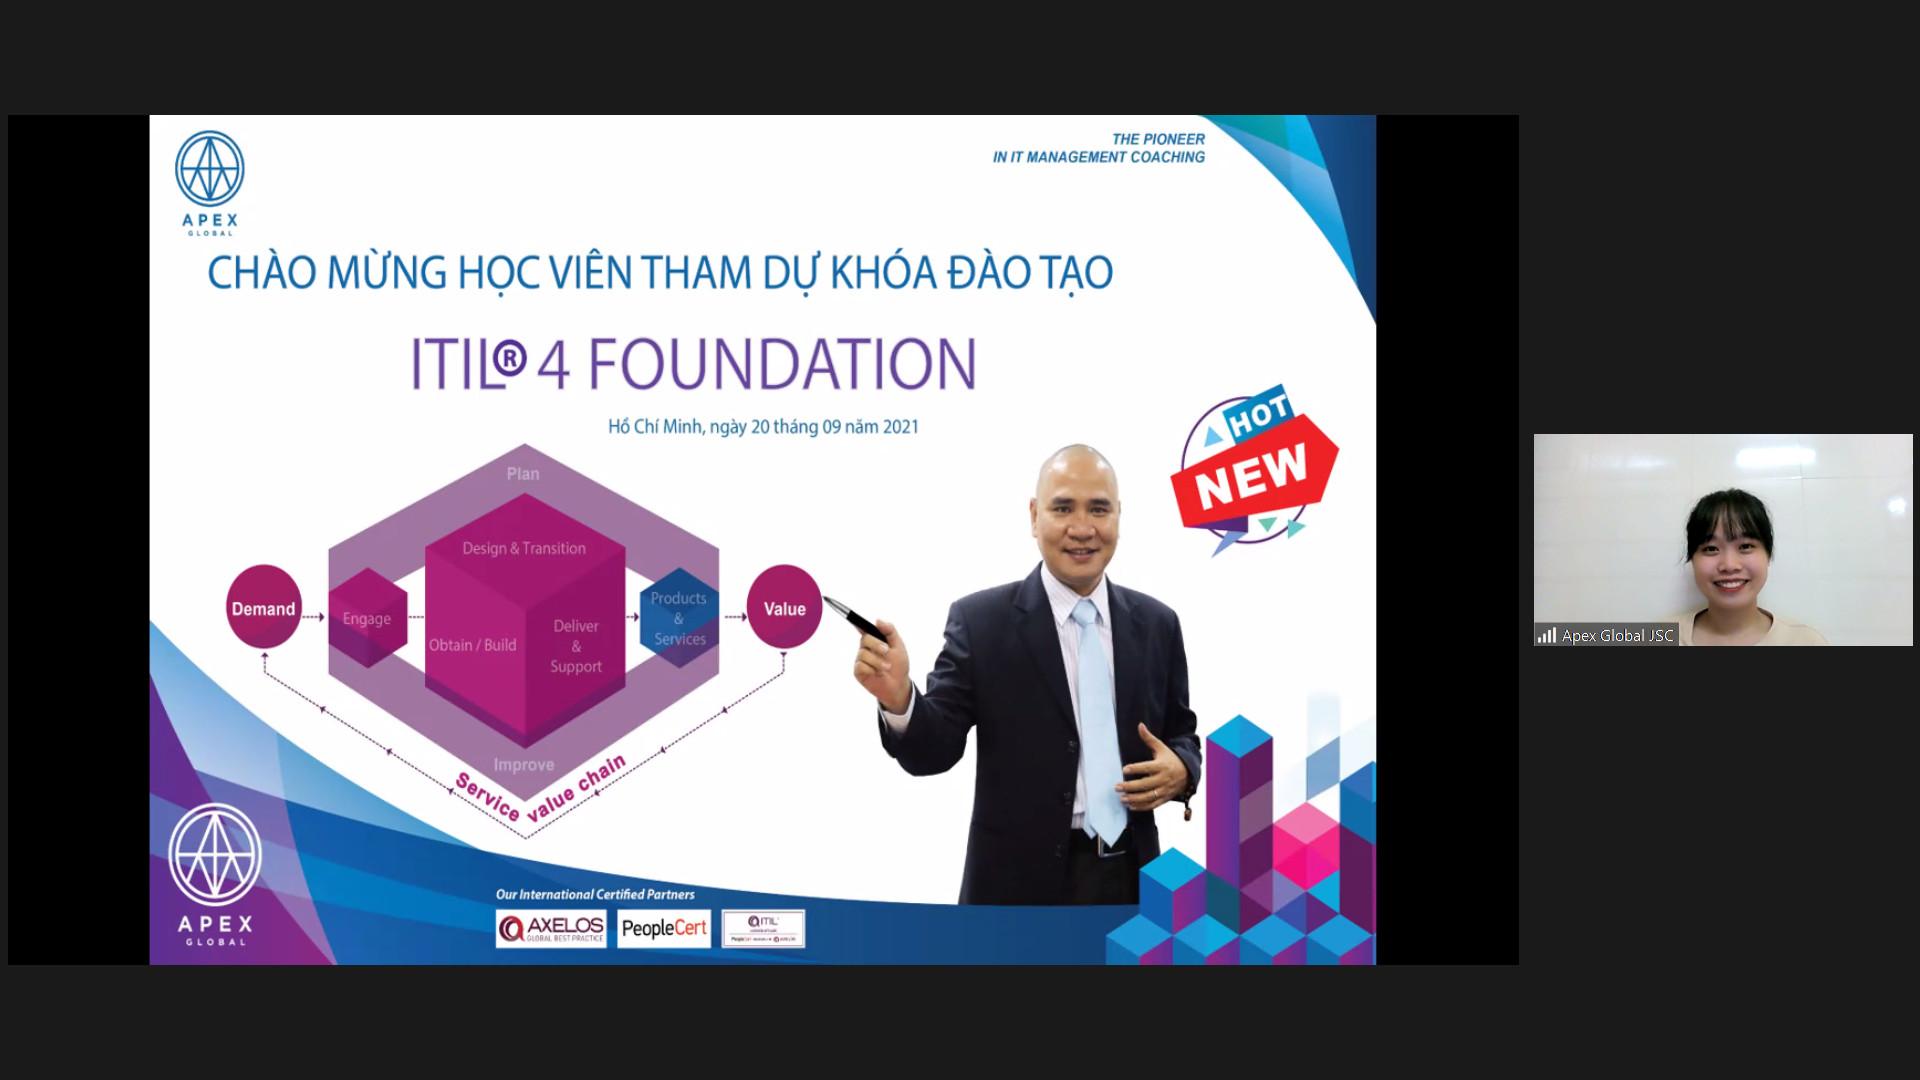 Khai giảng khóa đào tạo ITIL 4 Foundation Online Virtual Class tháng 09/2021